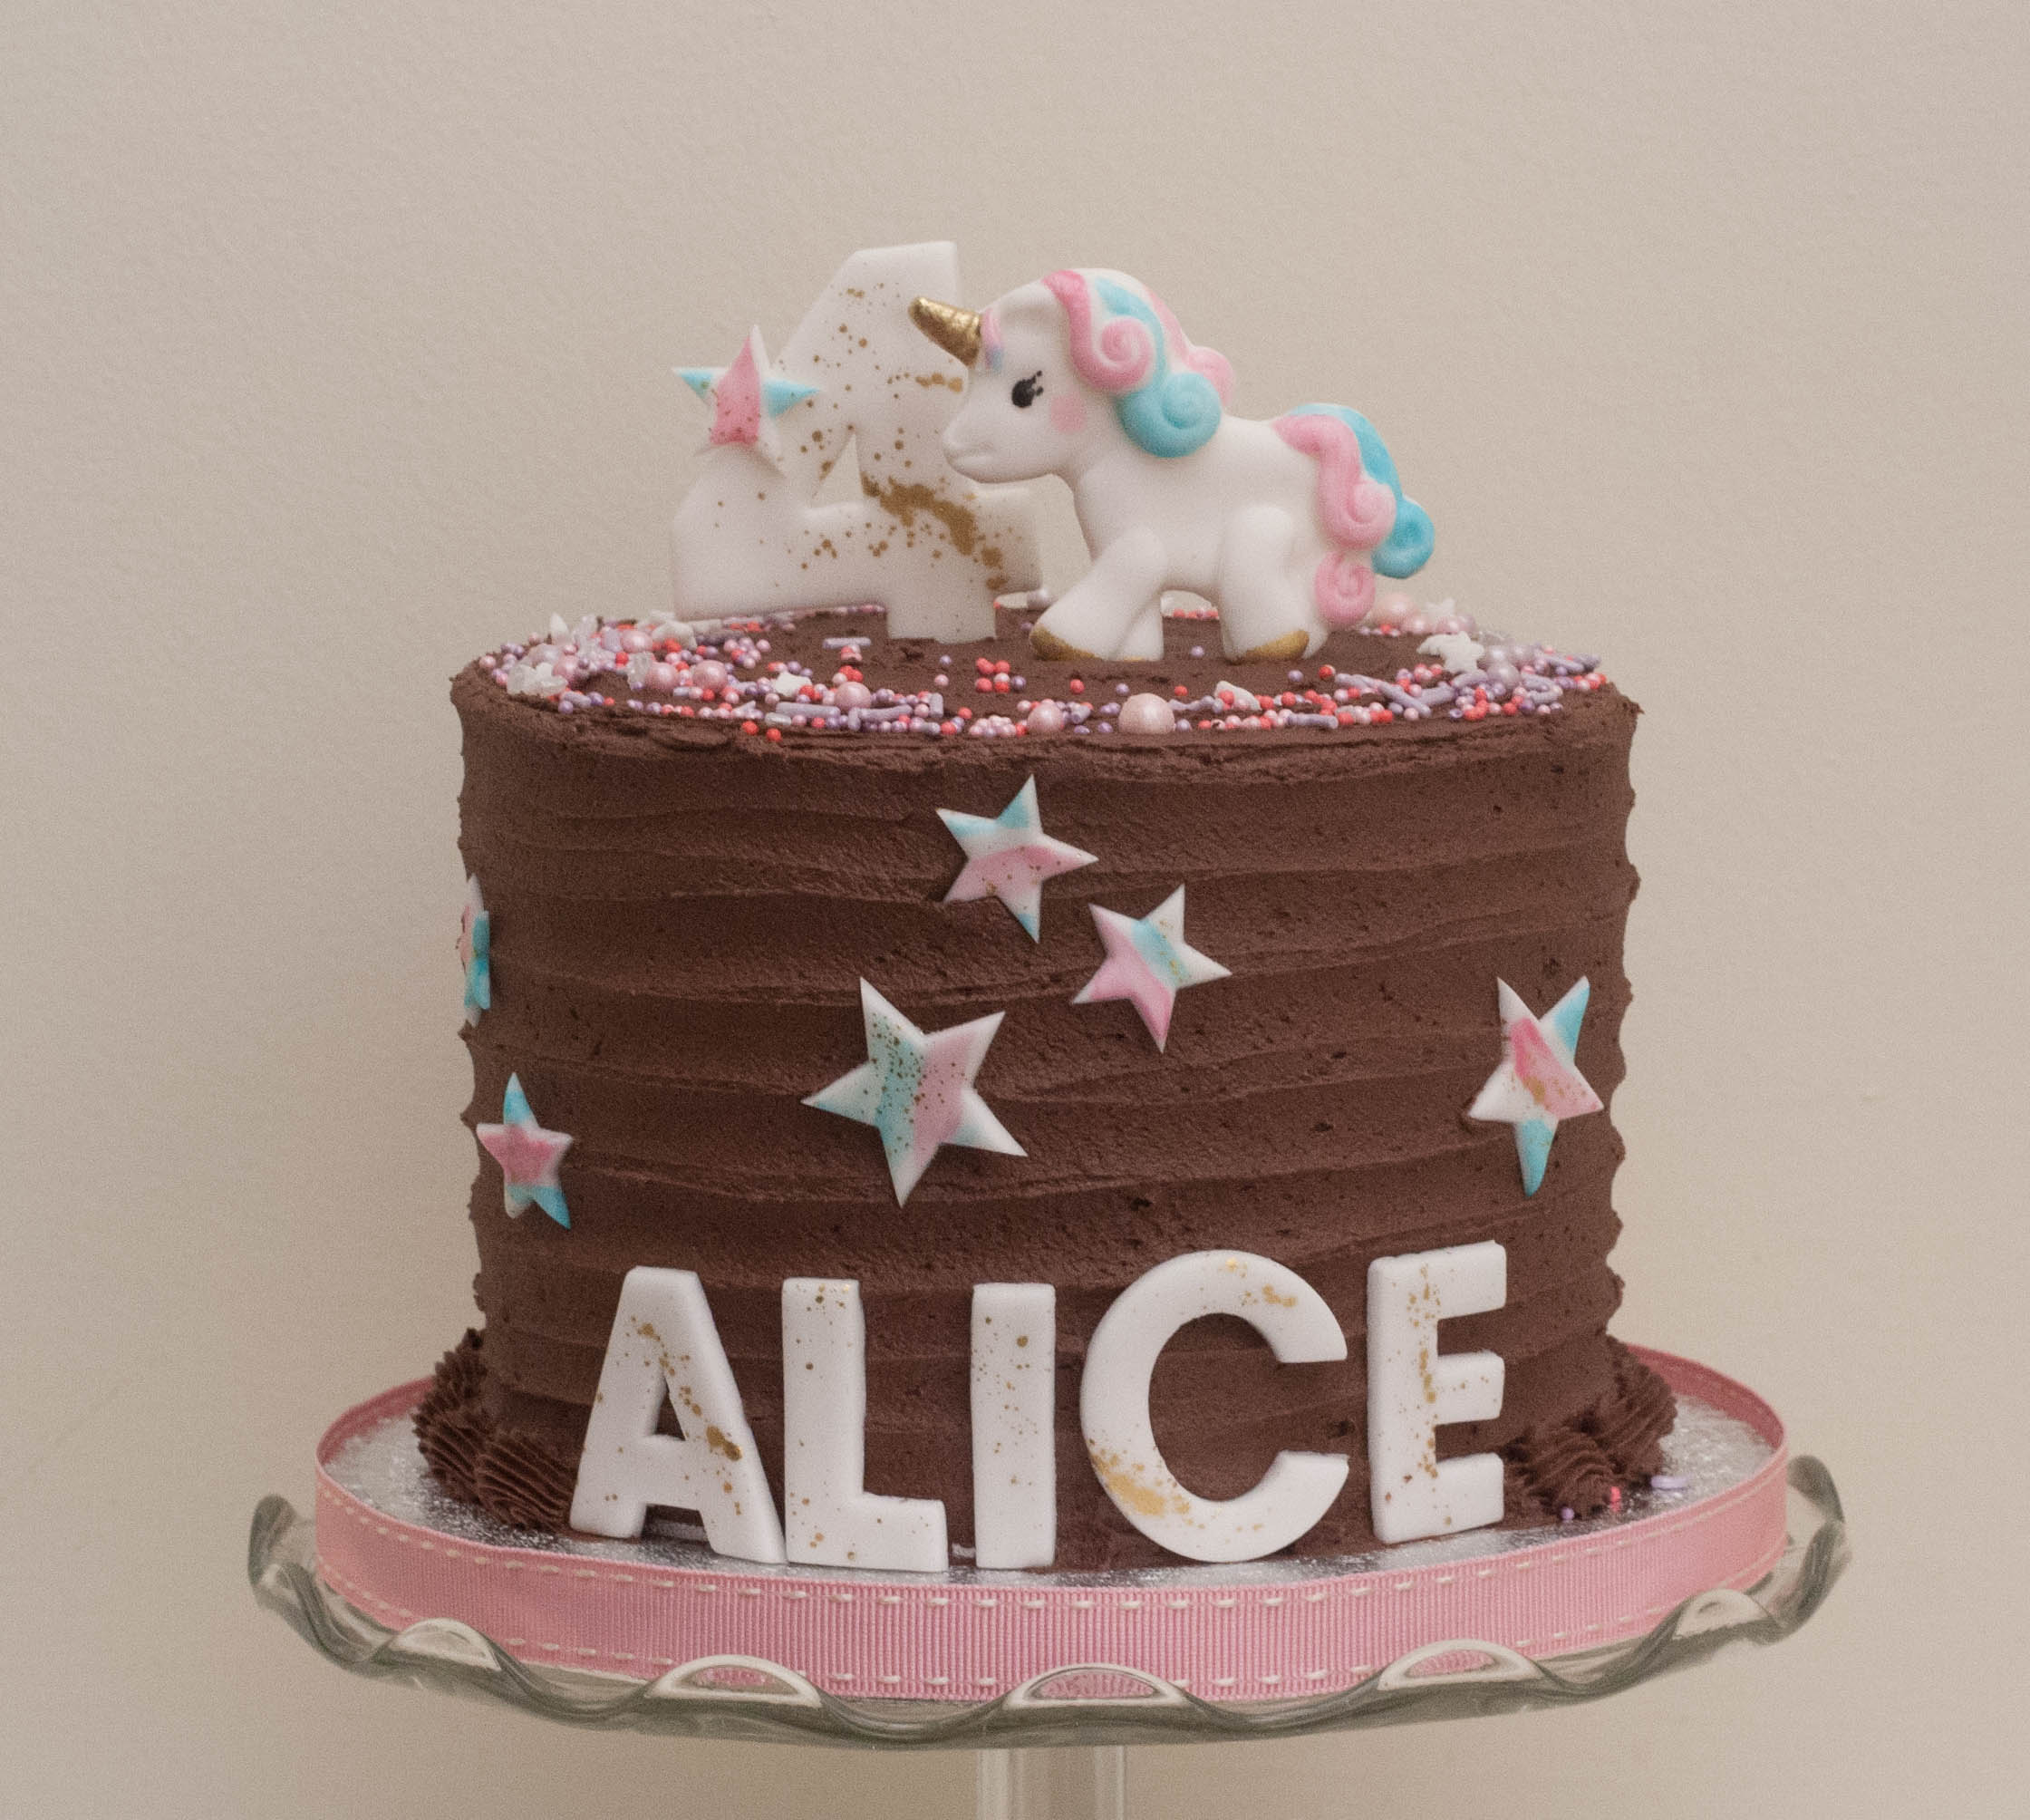 choc frosted unicorn cake vegan